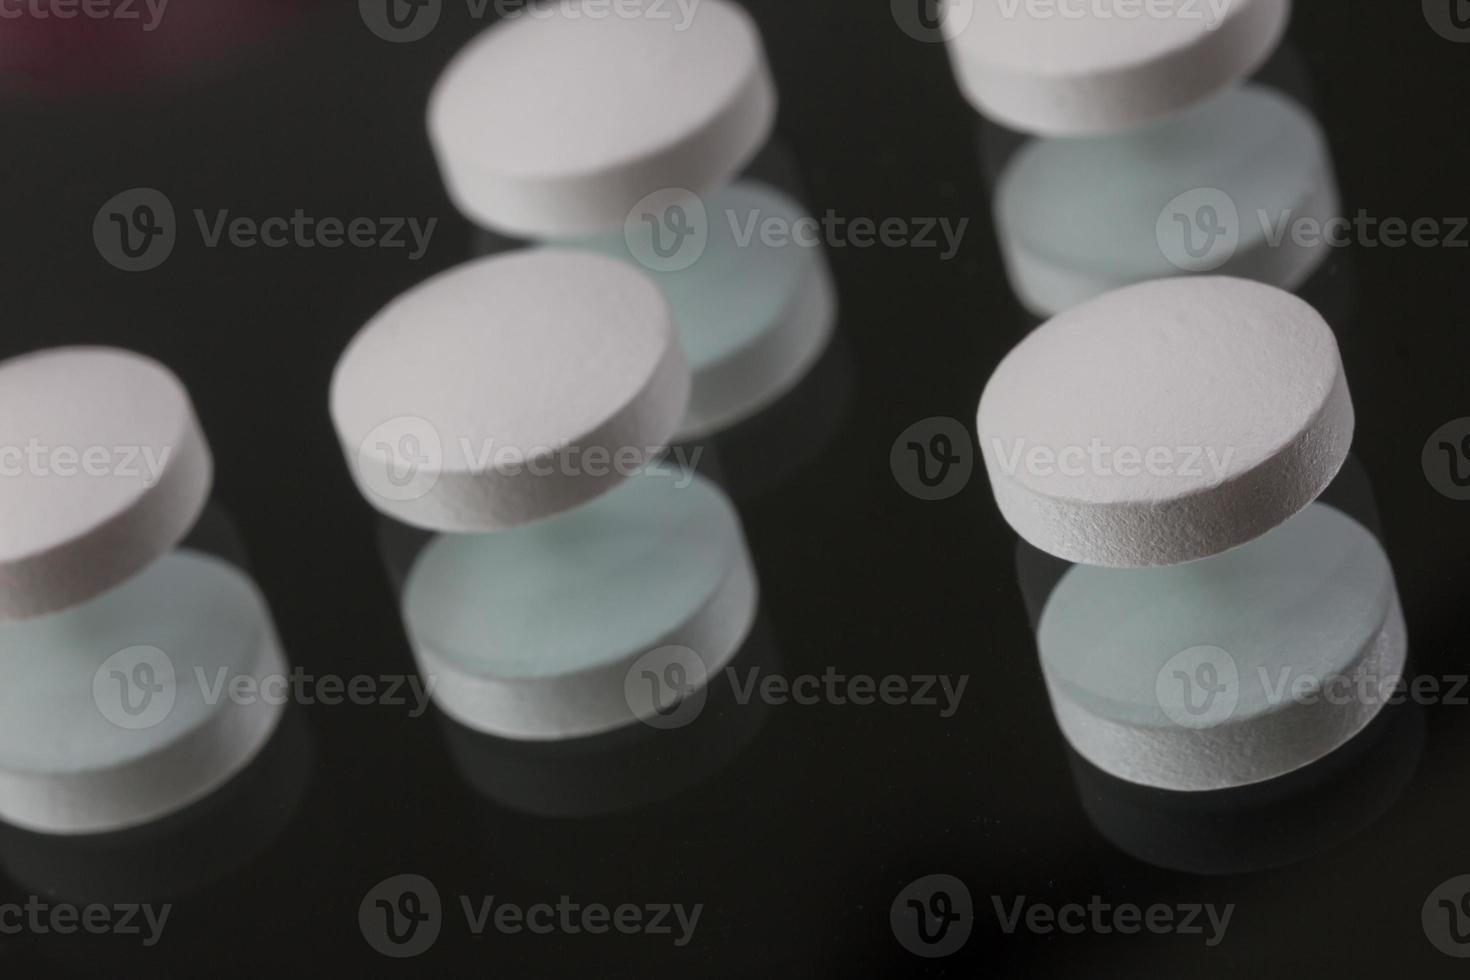 gewone medicatie achtergrond foto